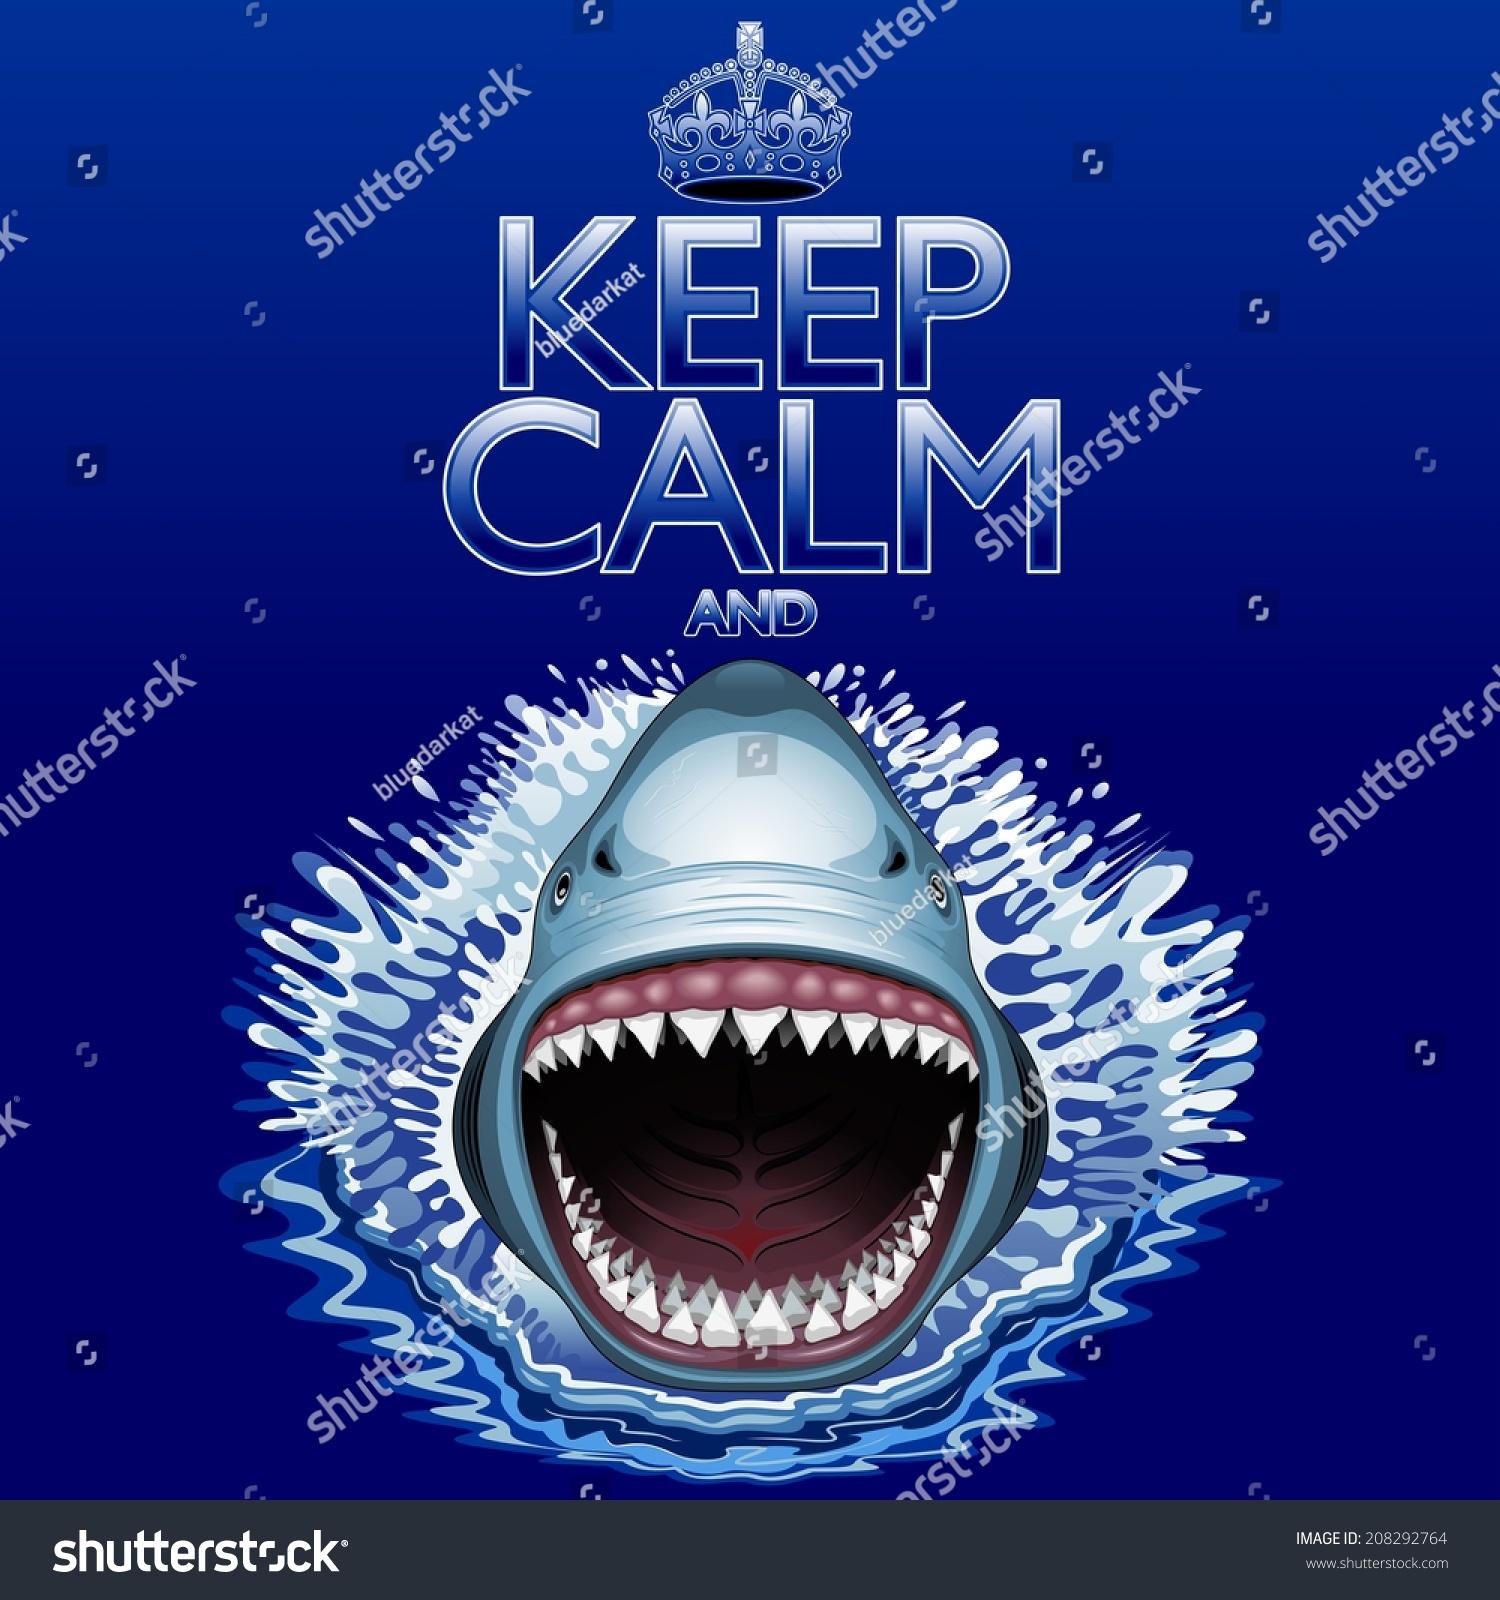 保持冷静和…鲨鱼攻击!-背景/素材,抽象-海洛创意()-.